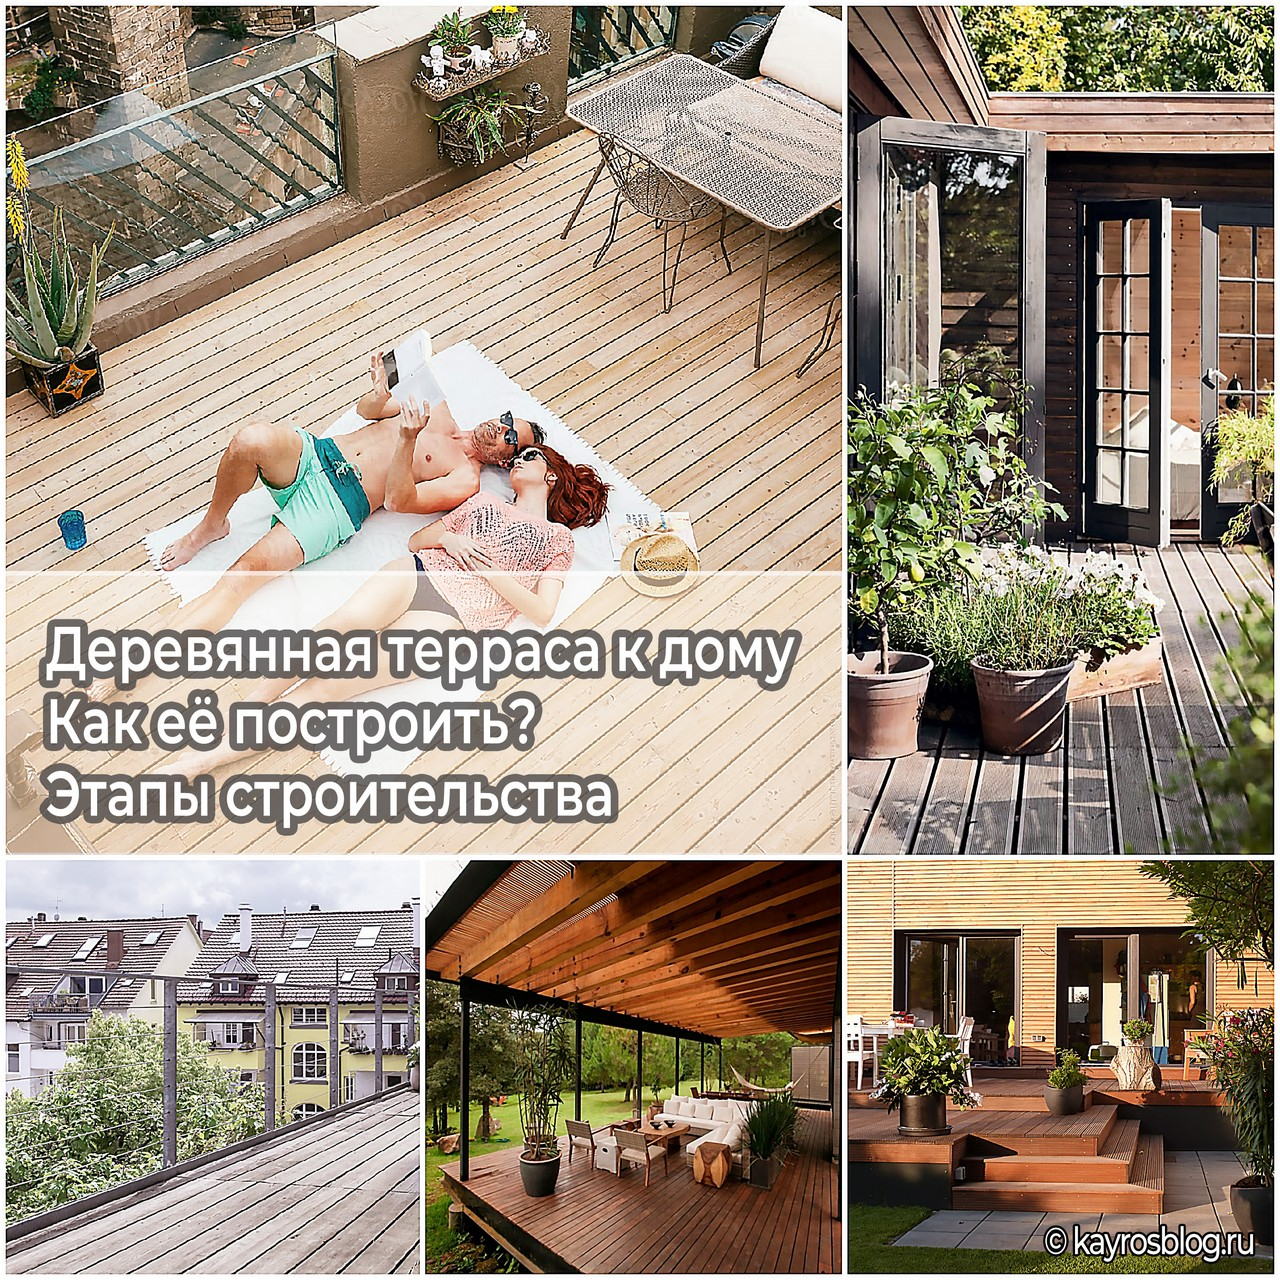 Деревянная терраса к дому: как её построить? Этапы строительства